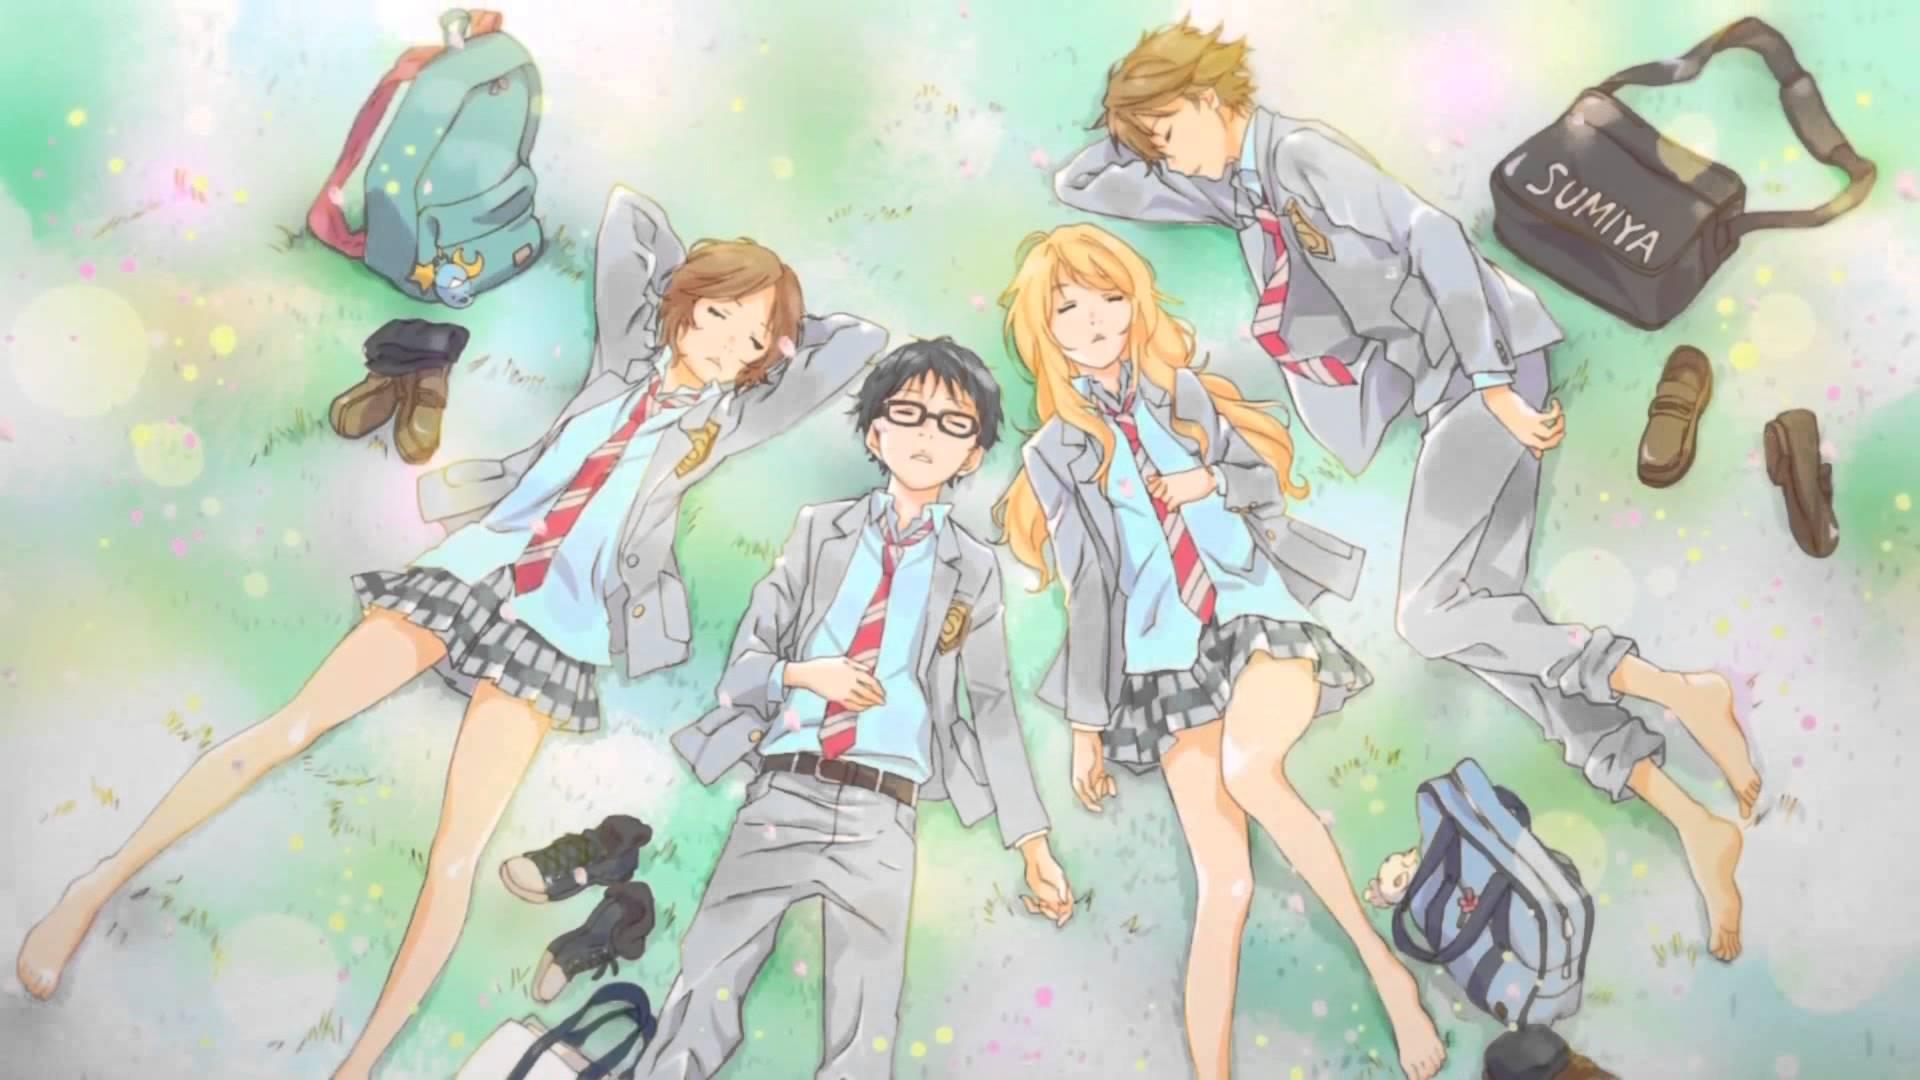 shigatsu wa kimi manga